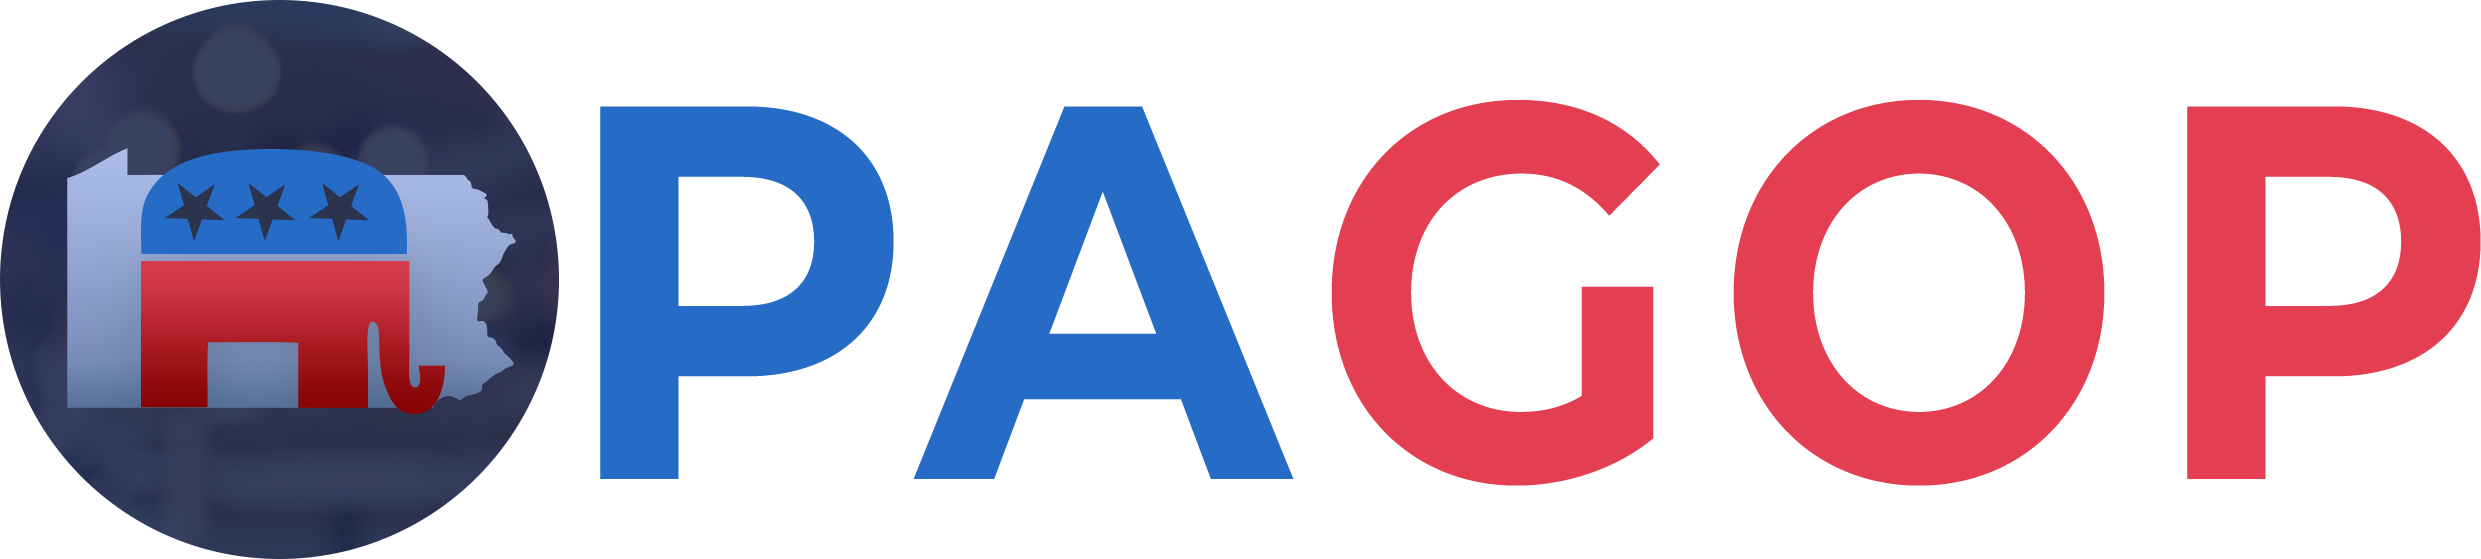 Republican Party of Pennsylvania